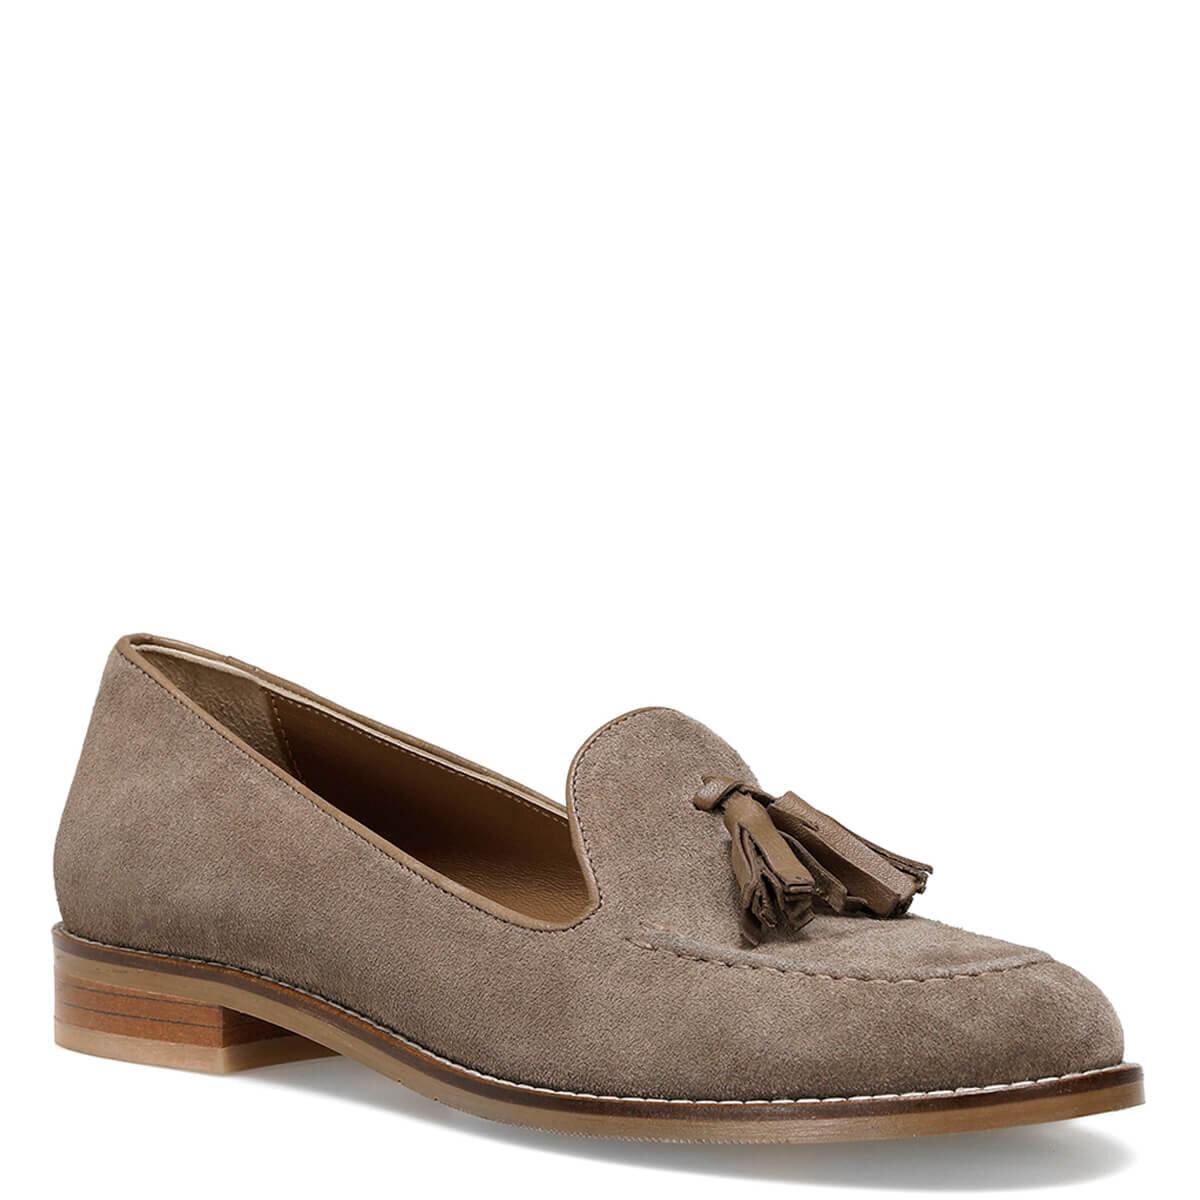 JACOB Vizon Kadın Loafer Ayakkabı